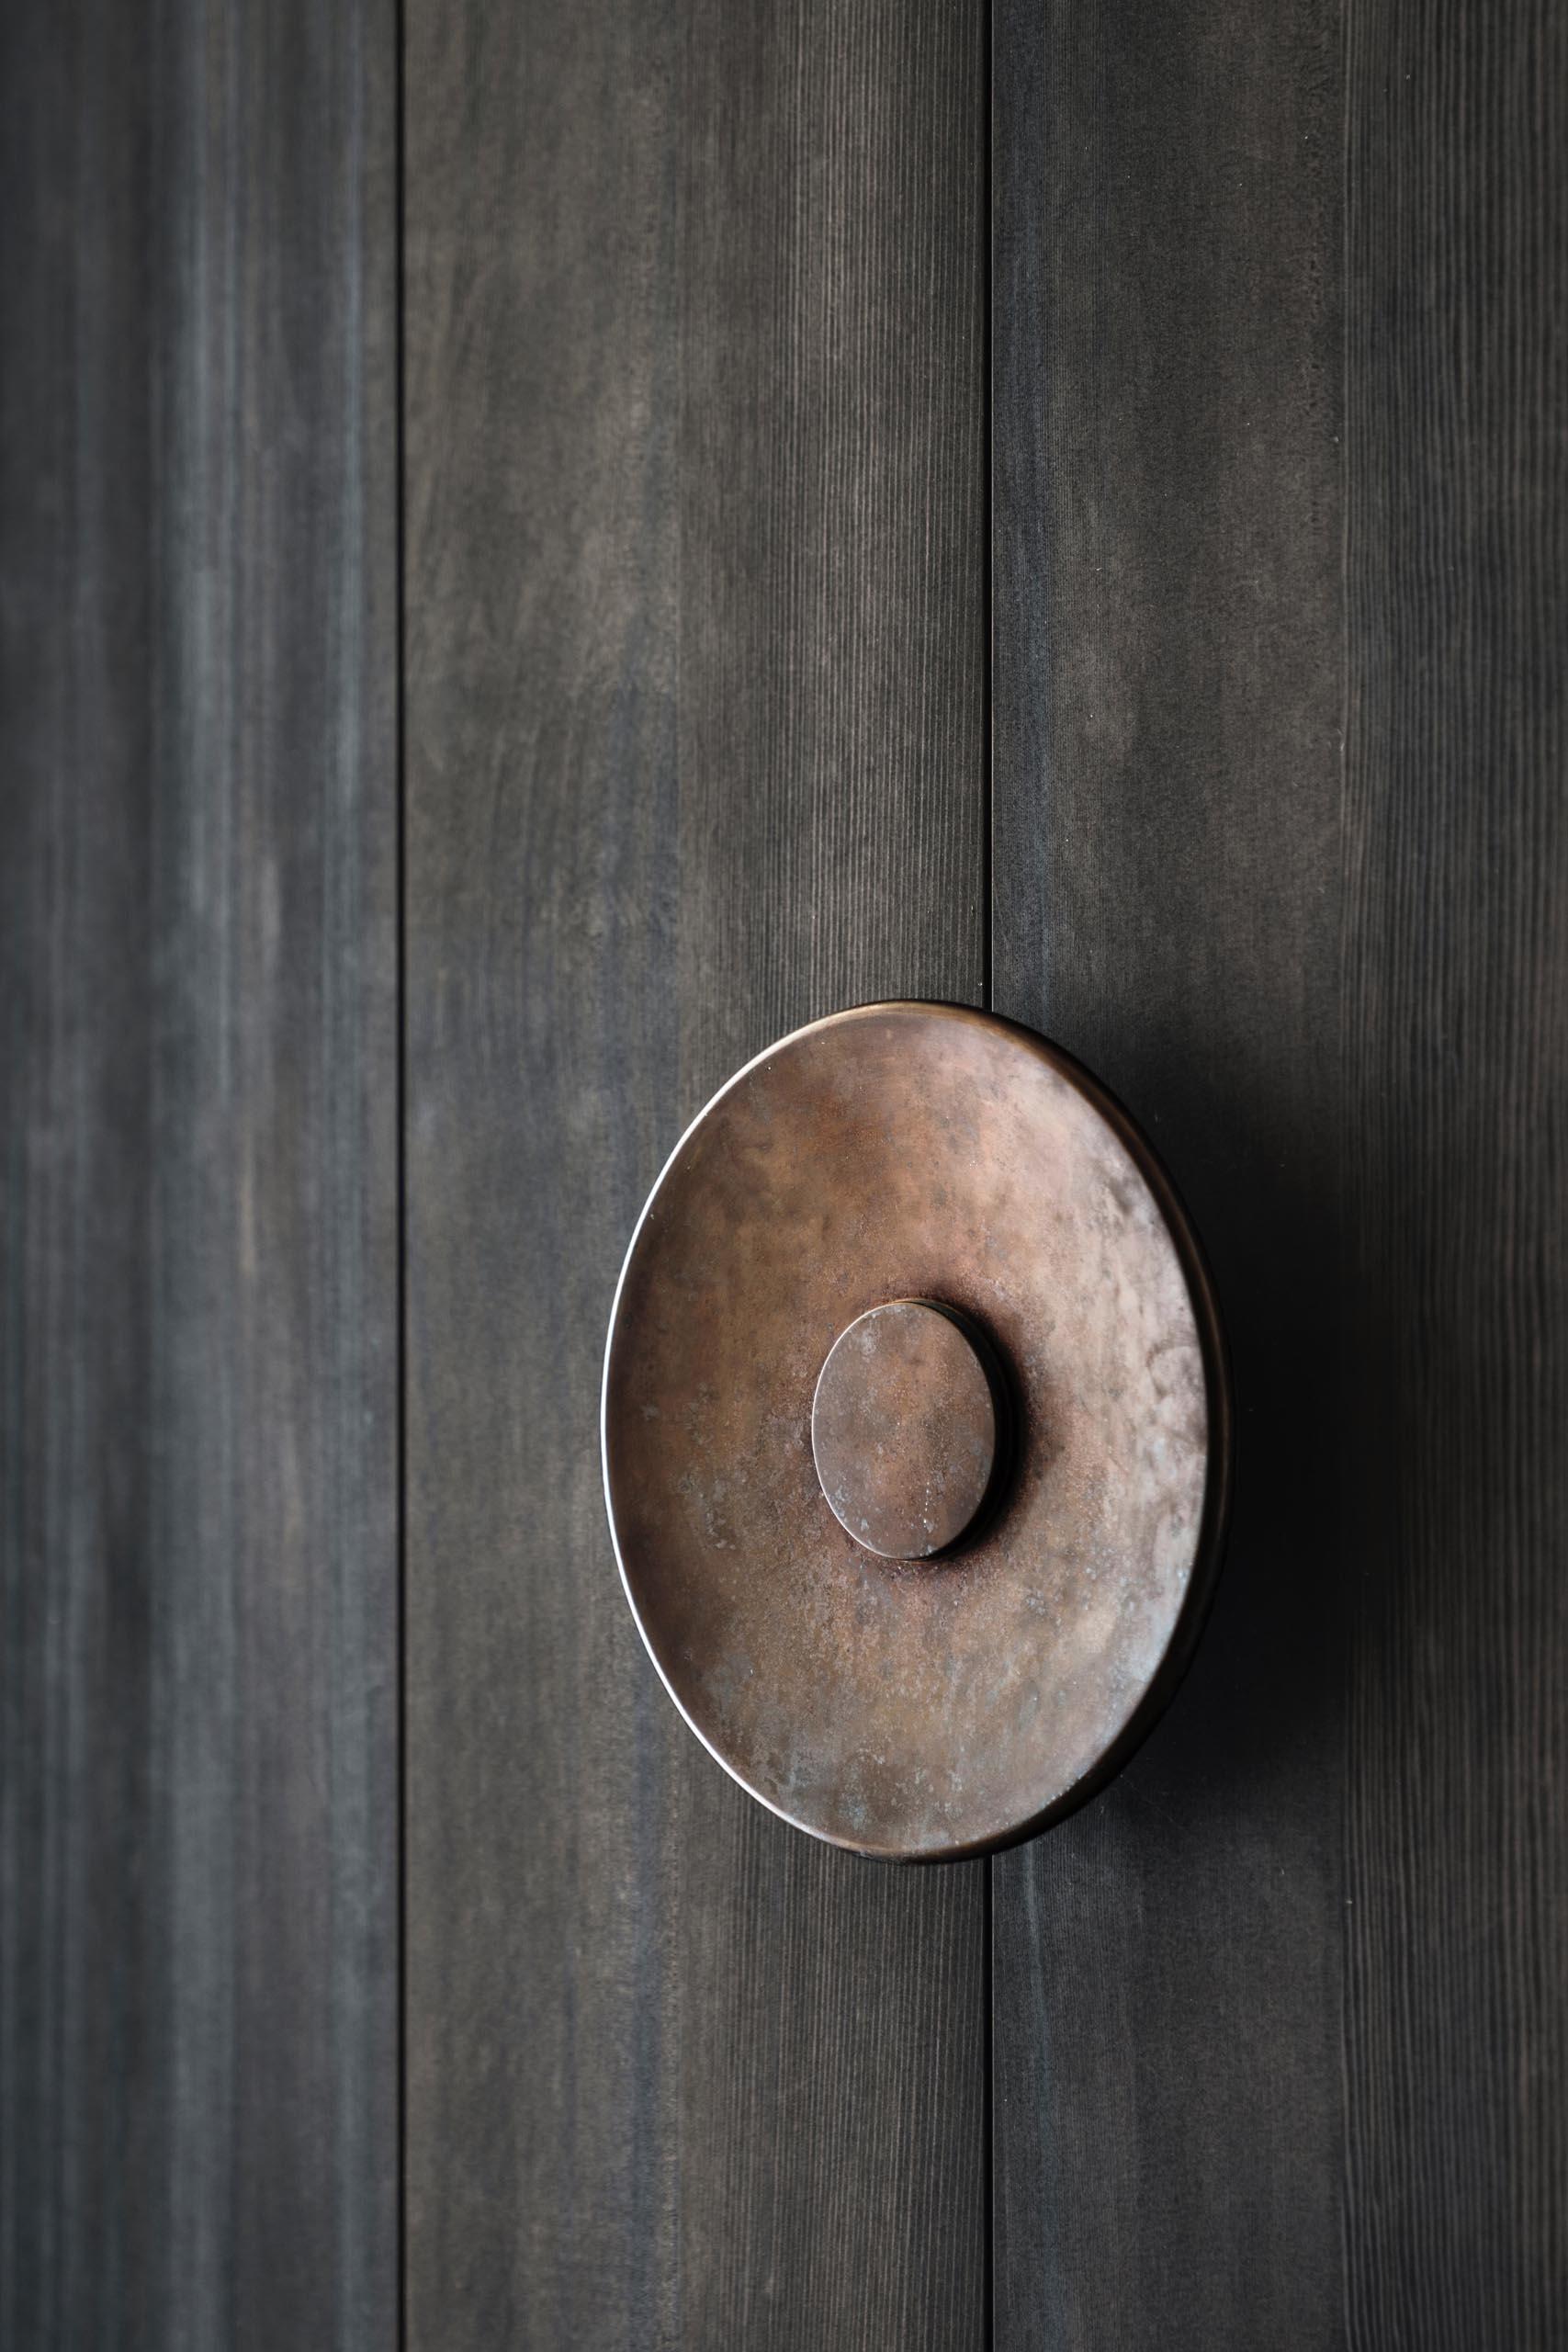 An oversized metal door handle for a large floor-to-ceiling pivoting wood front door.